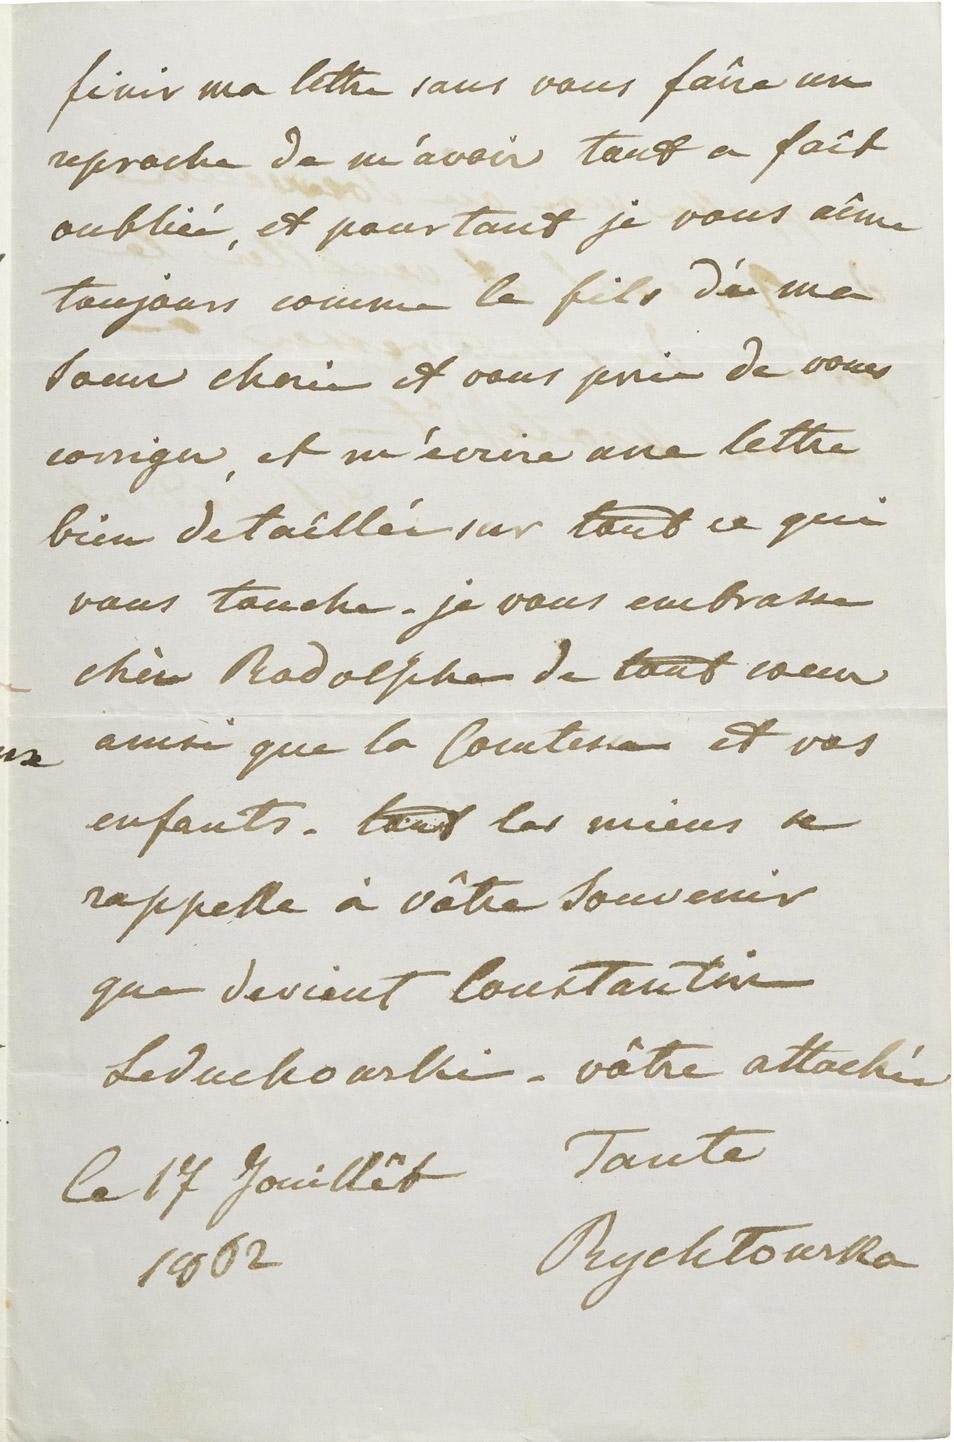 Lettre de sa tante Rychtowska à Rodolphe d'Ornano - Patrimoine Charles-André COLONNA WALEWSKI, en ligne directe de Napoléon